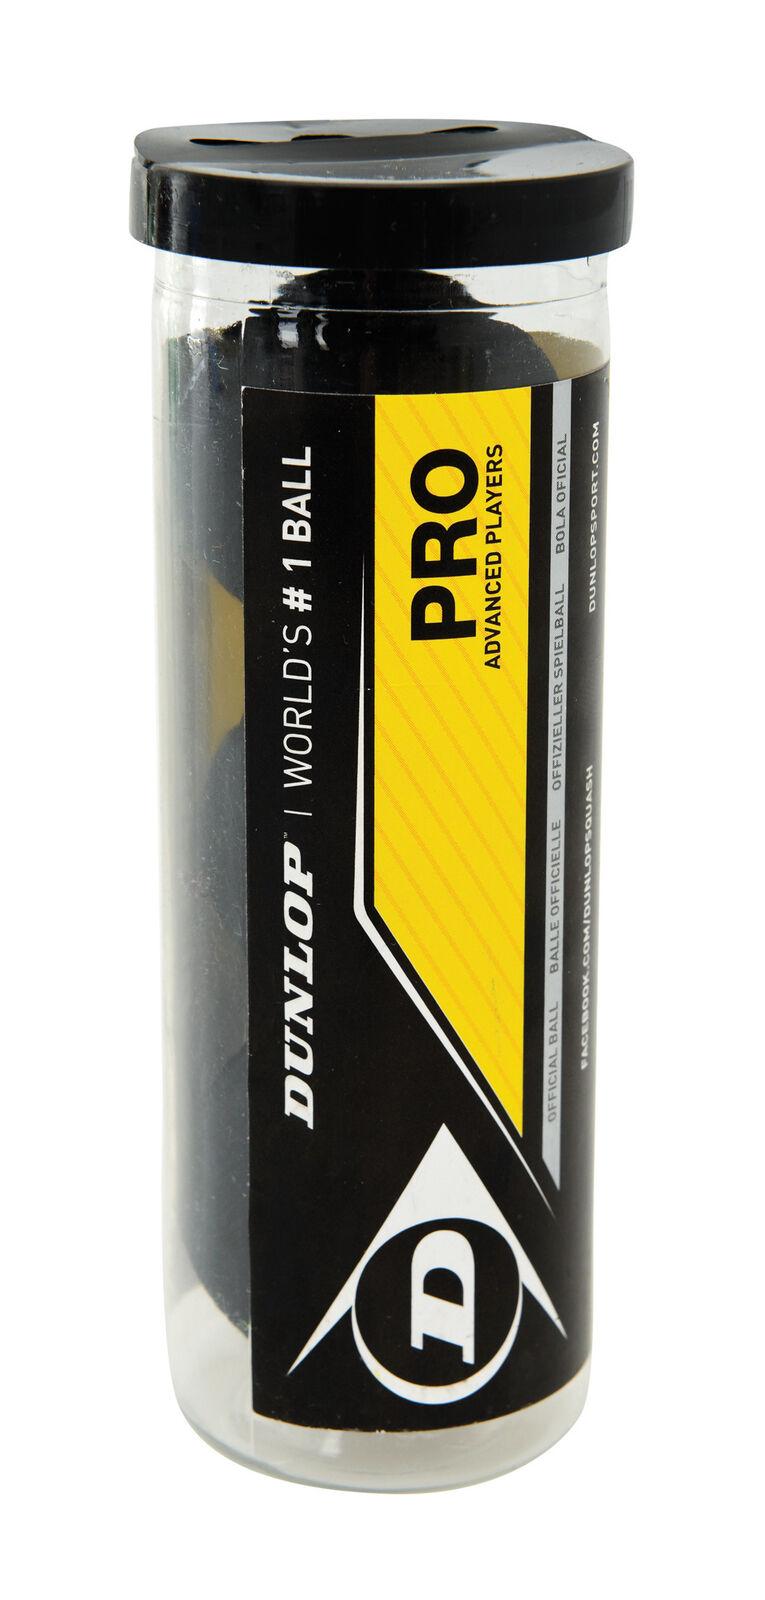 Dunlop pro squashball double jaune 3 balles balles balles dans le tube 41eabd